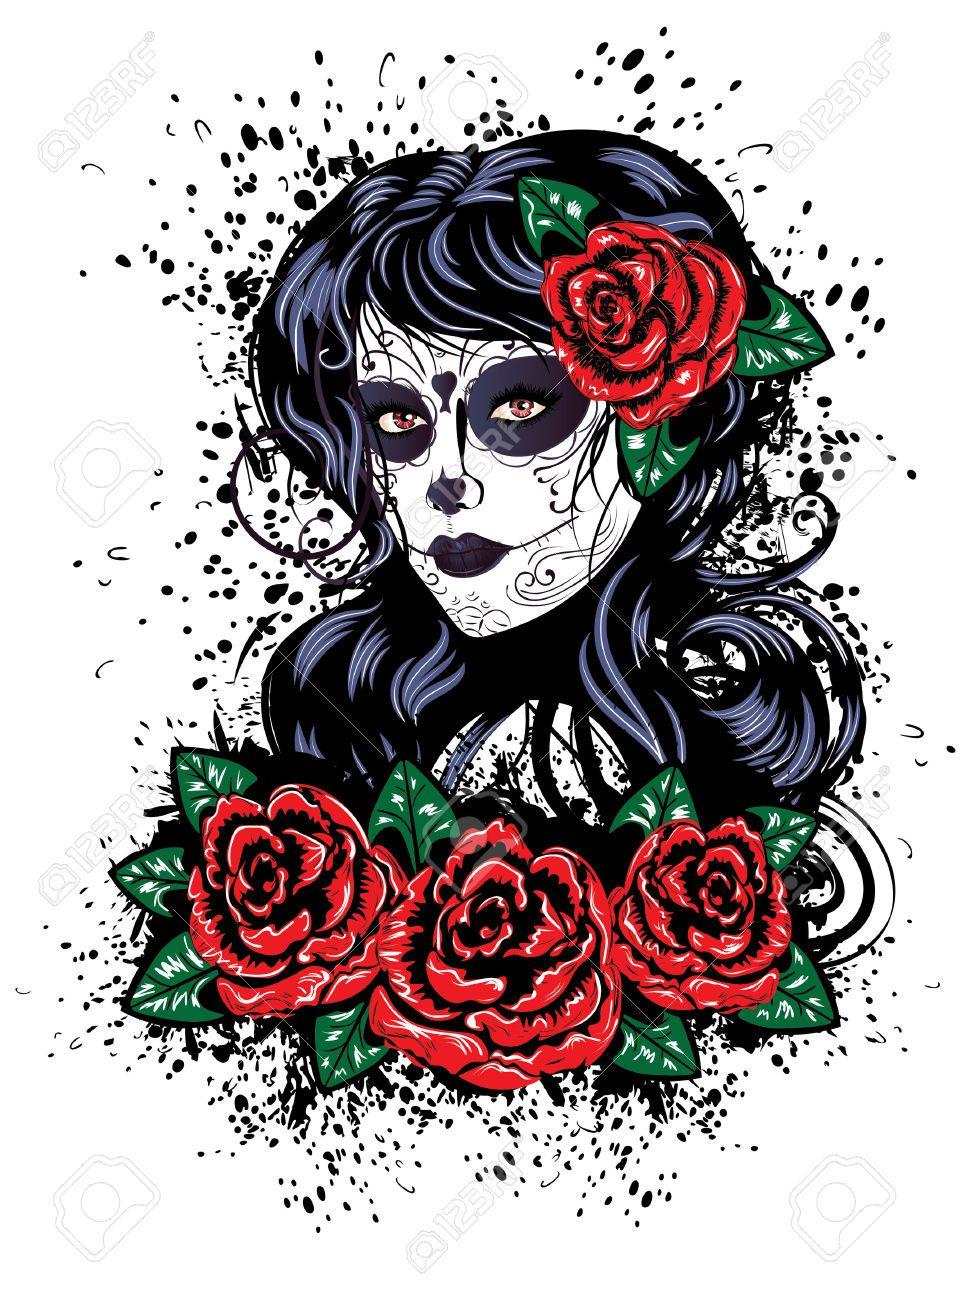 Sugar Skull clipart rose #6.